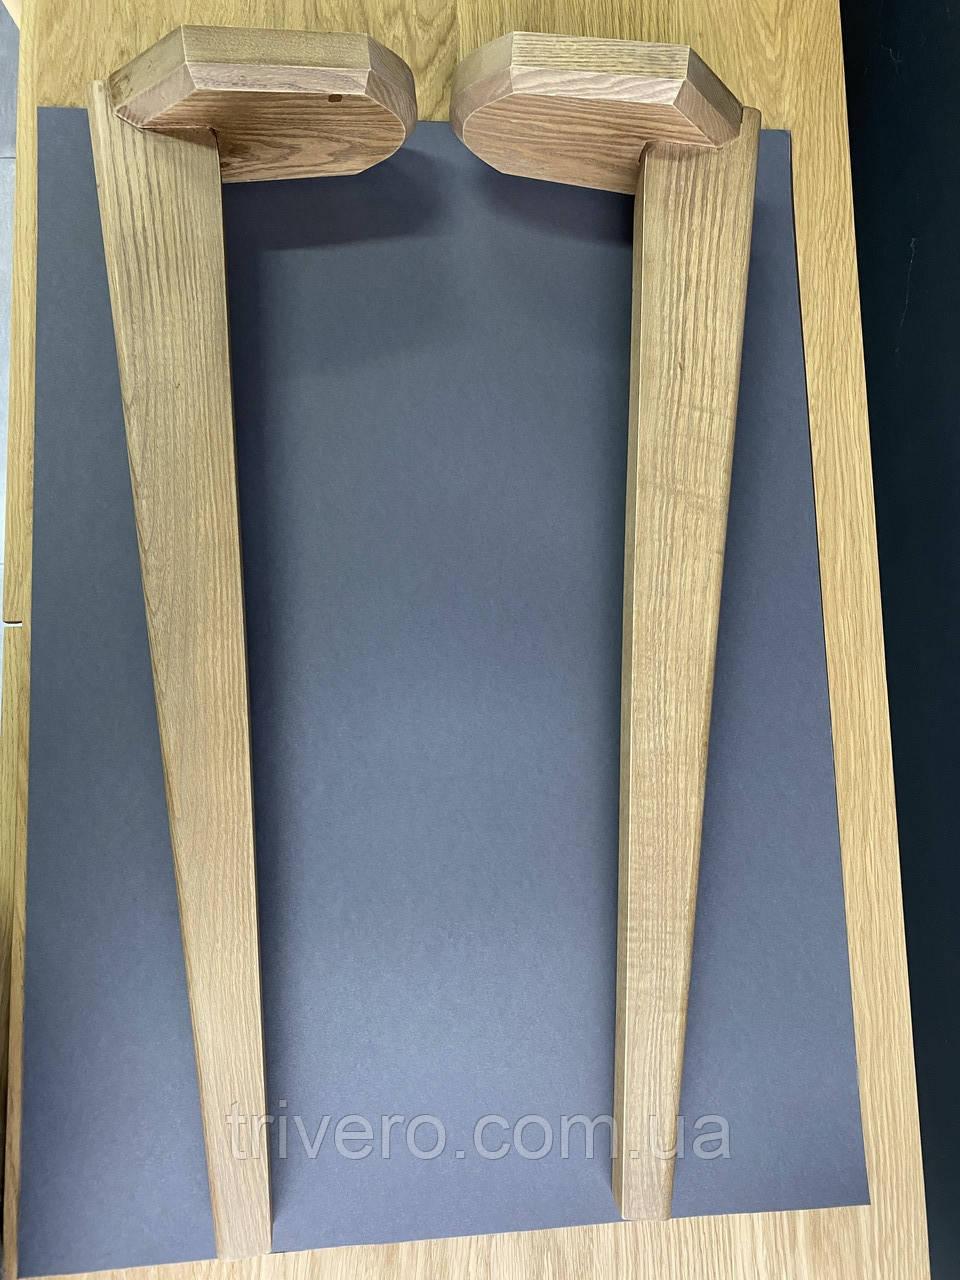 Меблеві ніжки і опори дерев'яні для столу з гранями /  КОД: Високі - 12